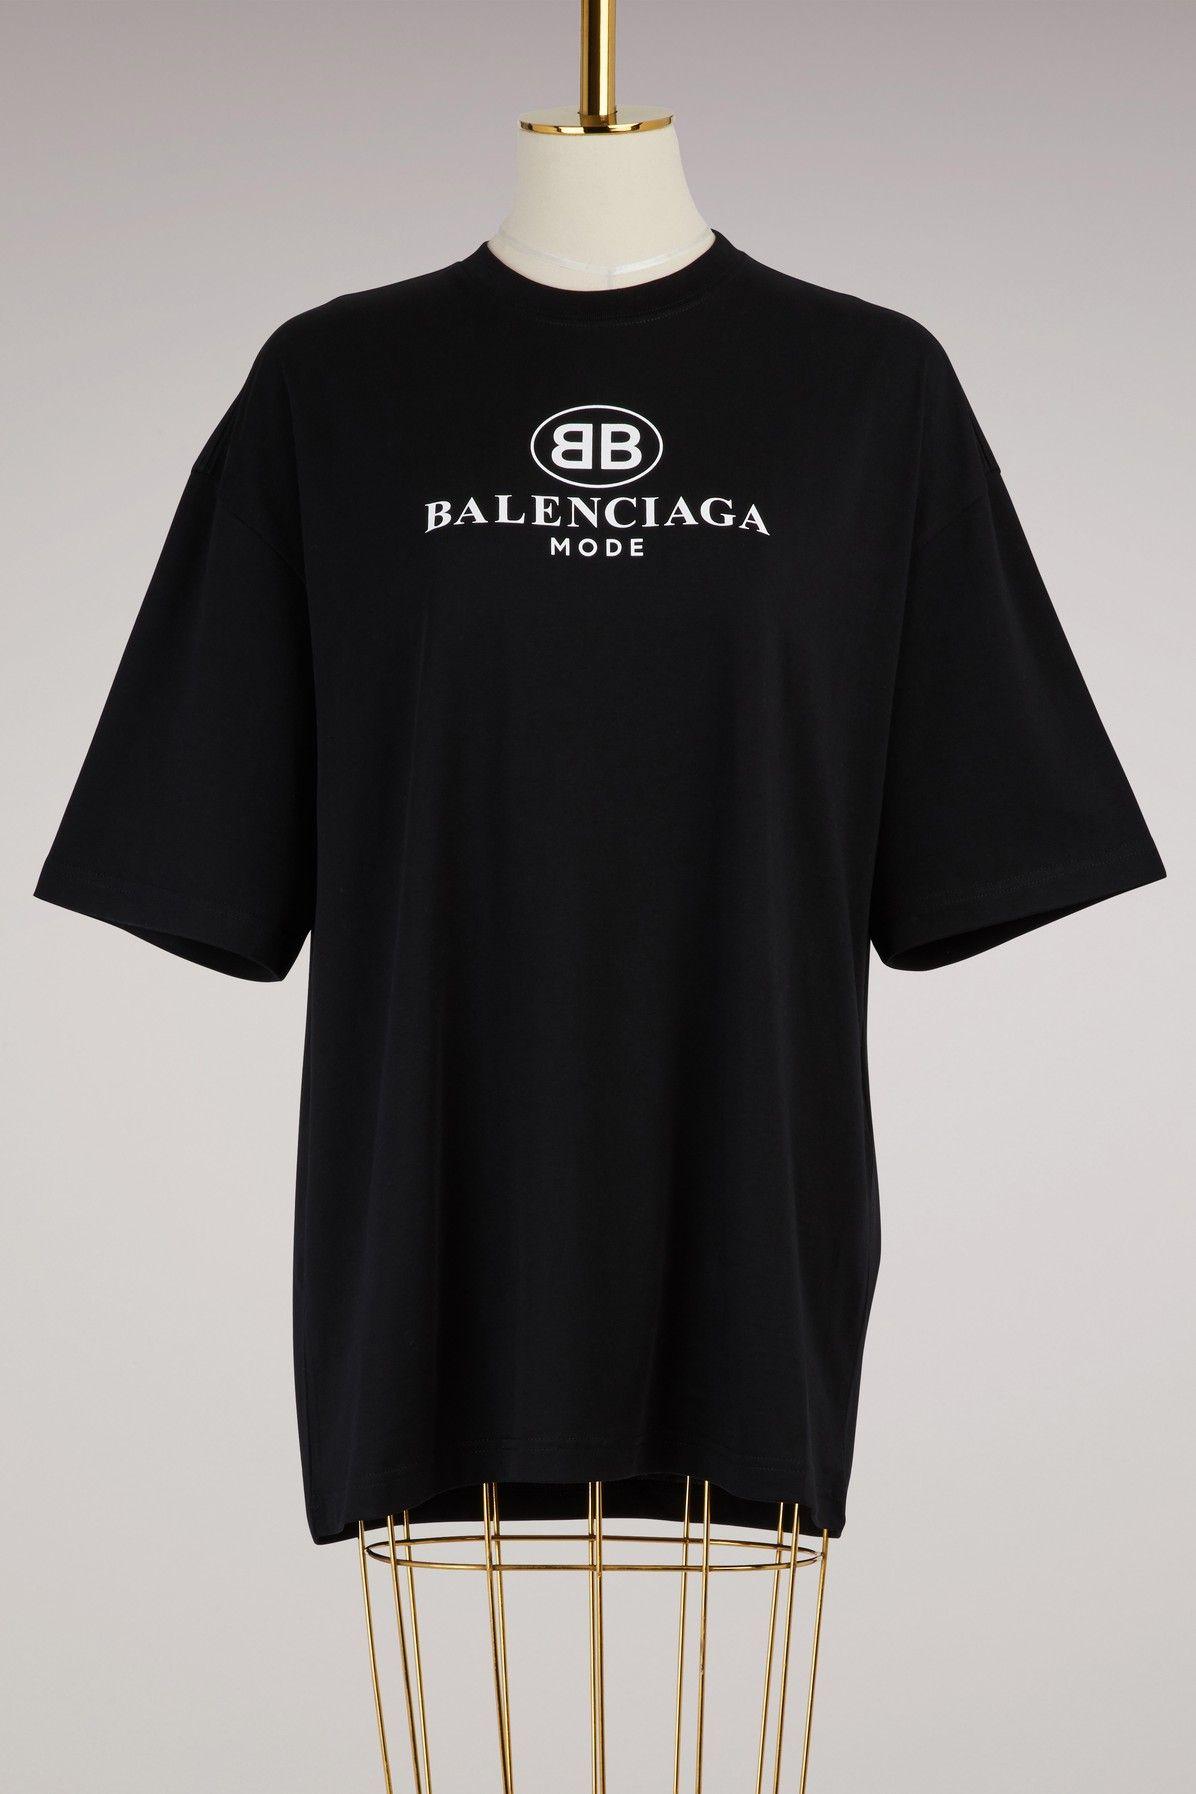 059990735b28 BALENCIAGA BB OVERSIZE T-SHIRT. #balenciaga #cloth # | Balenciaga ...